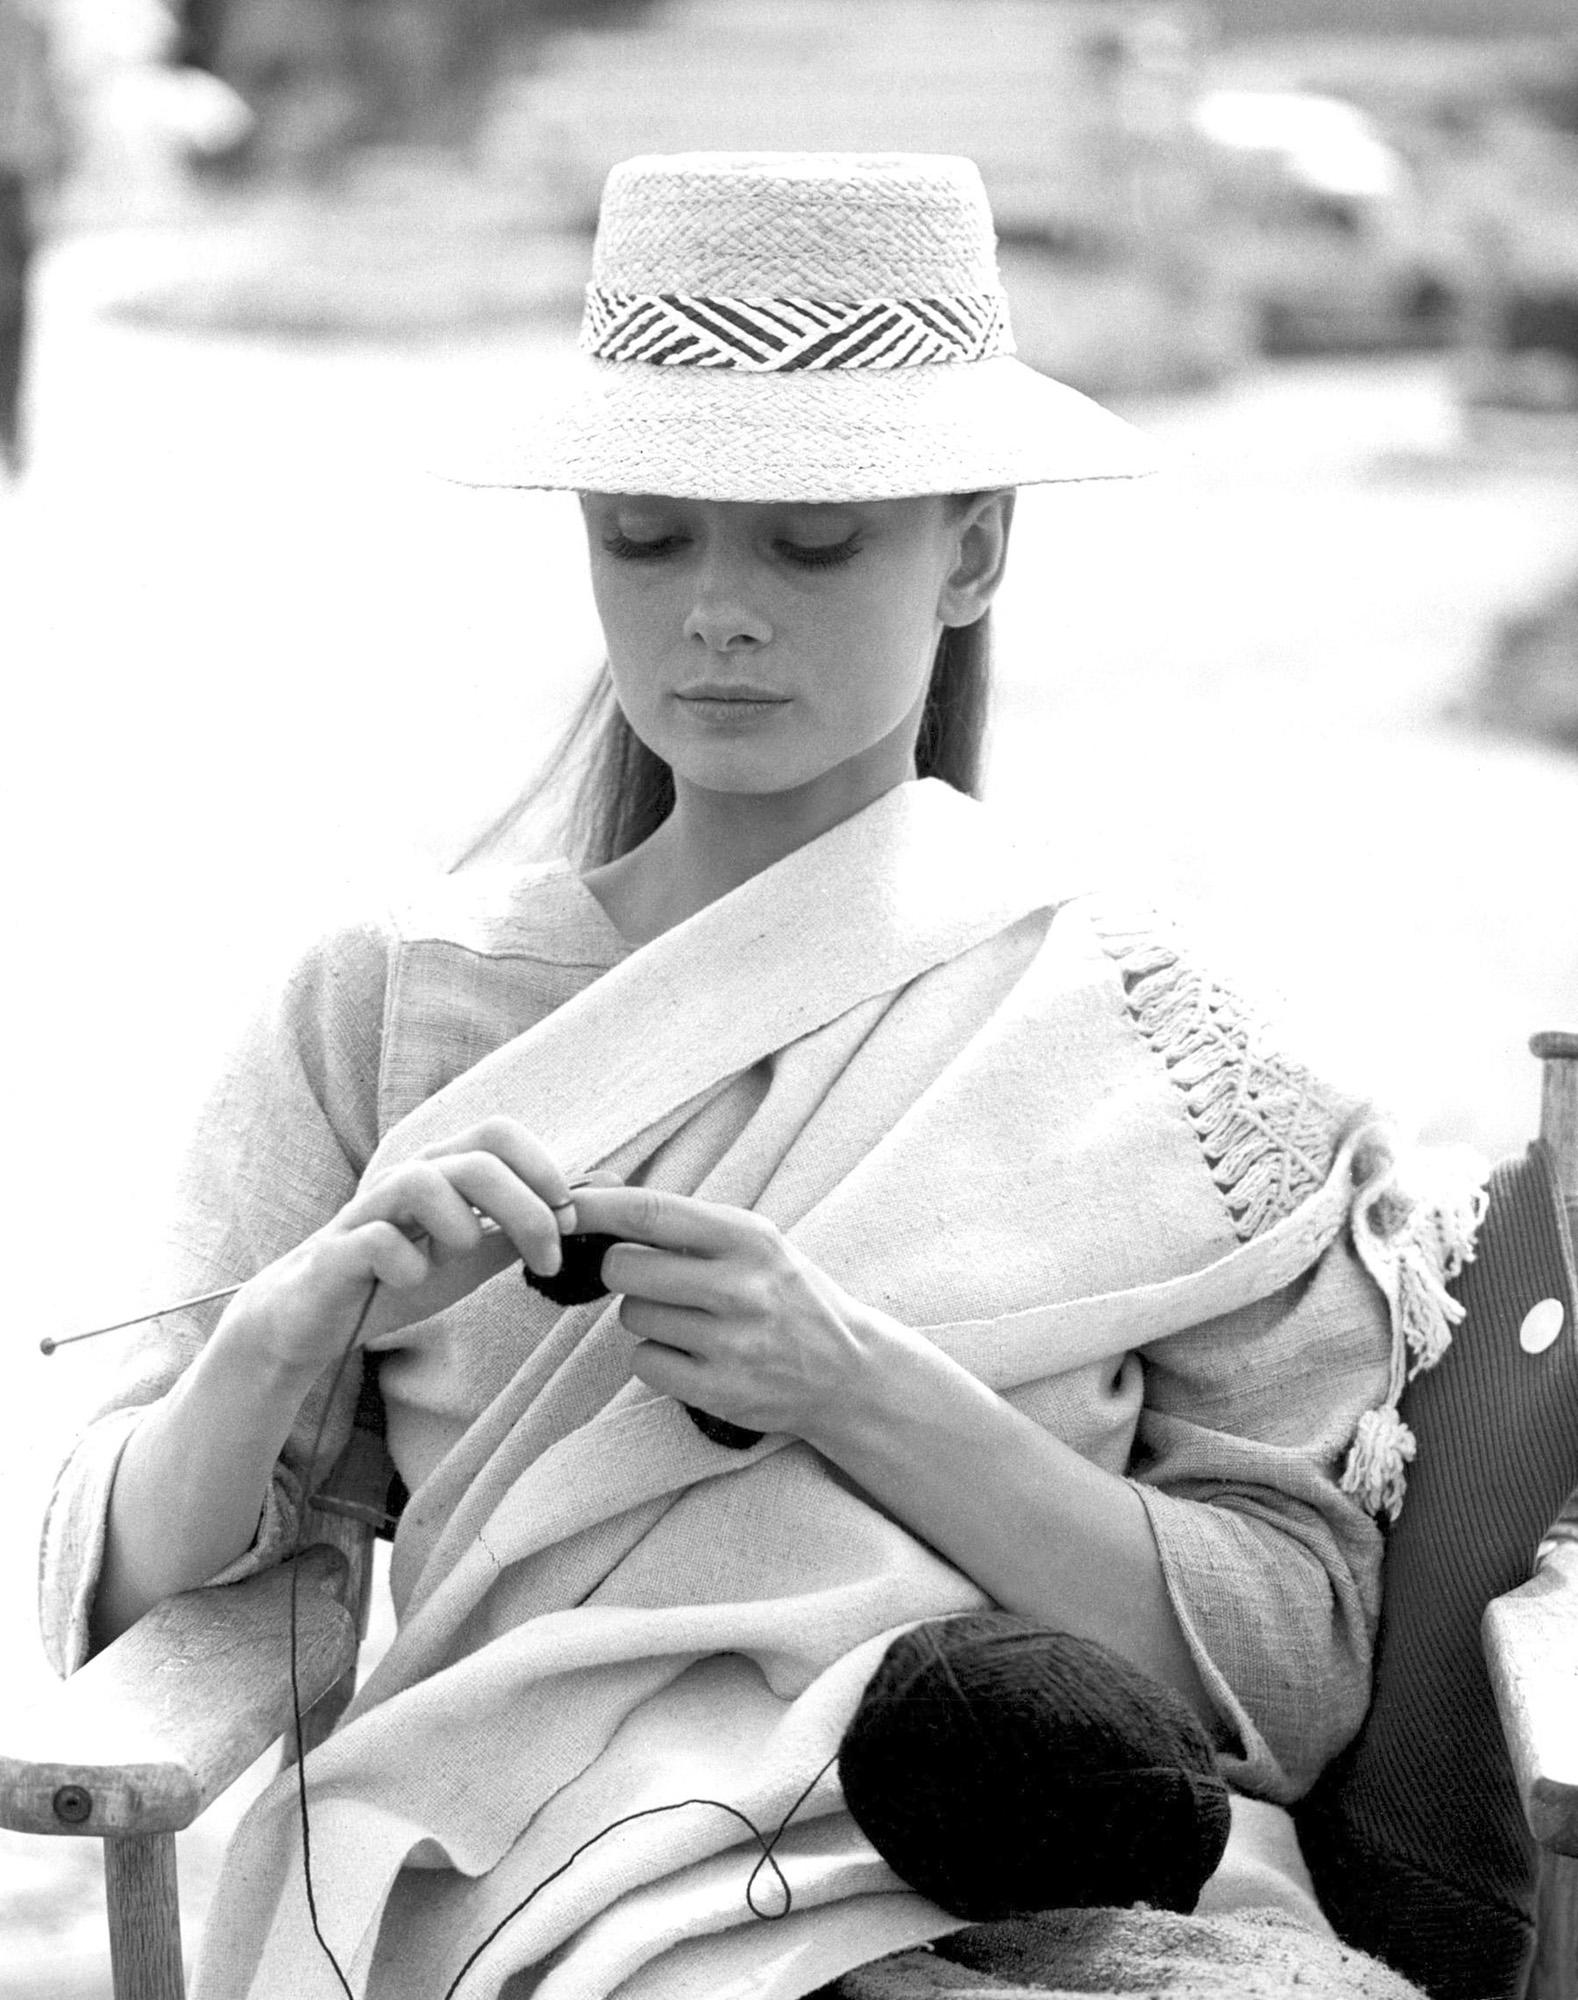 Audrey Hepburn breit een zwarte kasjmier trui op de set van 'Unforgiven' in 1959. Foto afkomstig van https://www.alpacaunlimited.com/blog/knitwear-style-icon-audrey-hepburn/